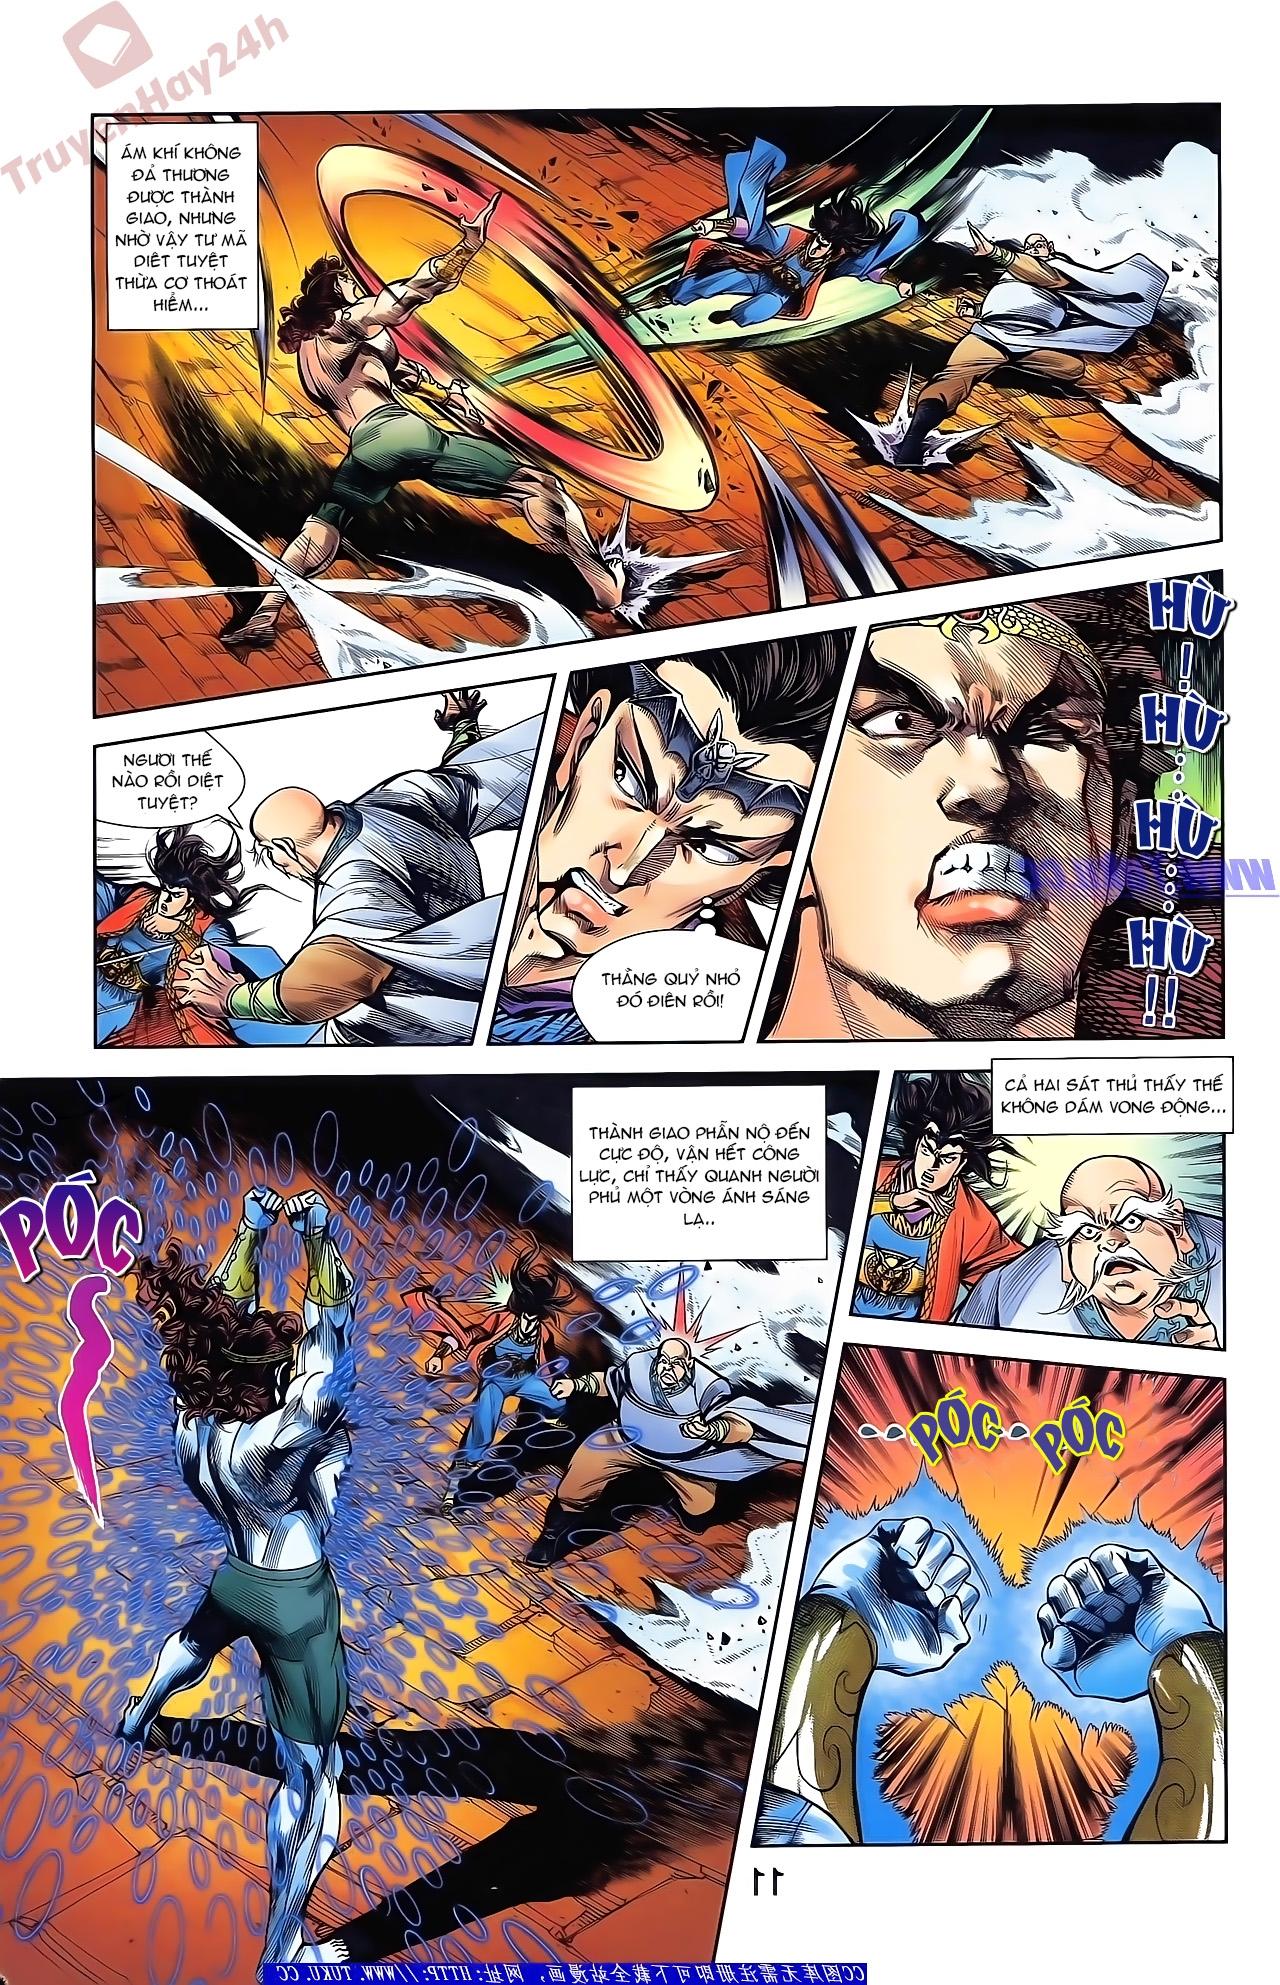 Tần Vương Doanh Chính chapter 45 trang 9